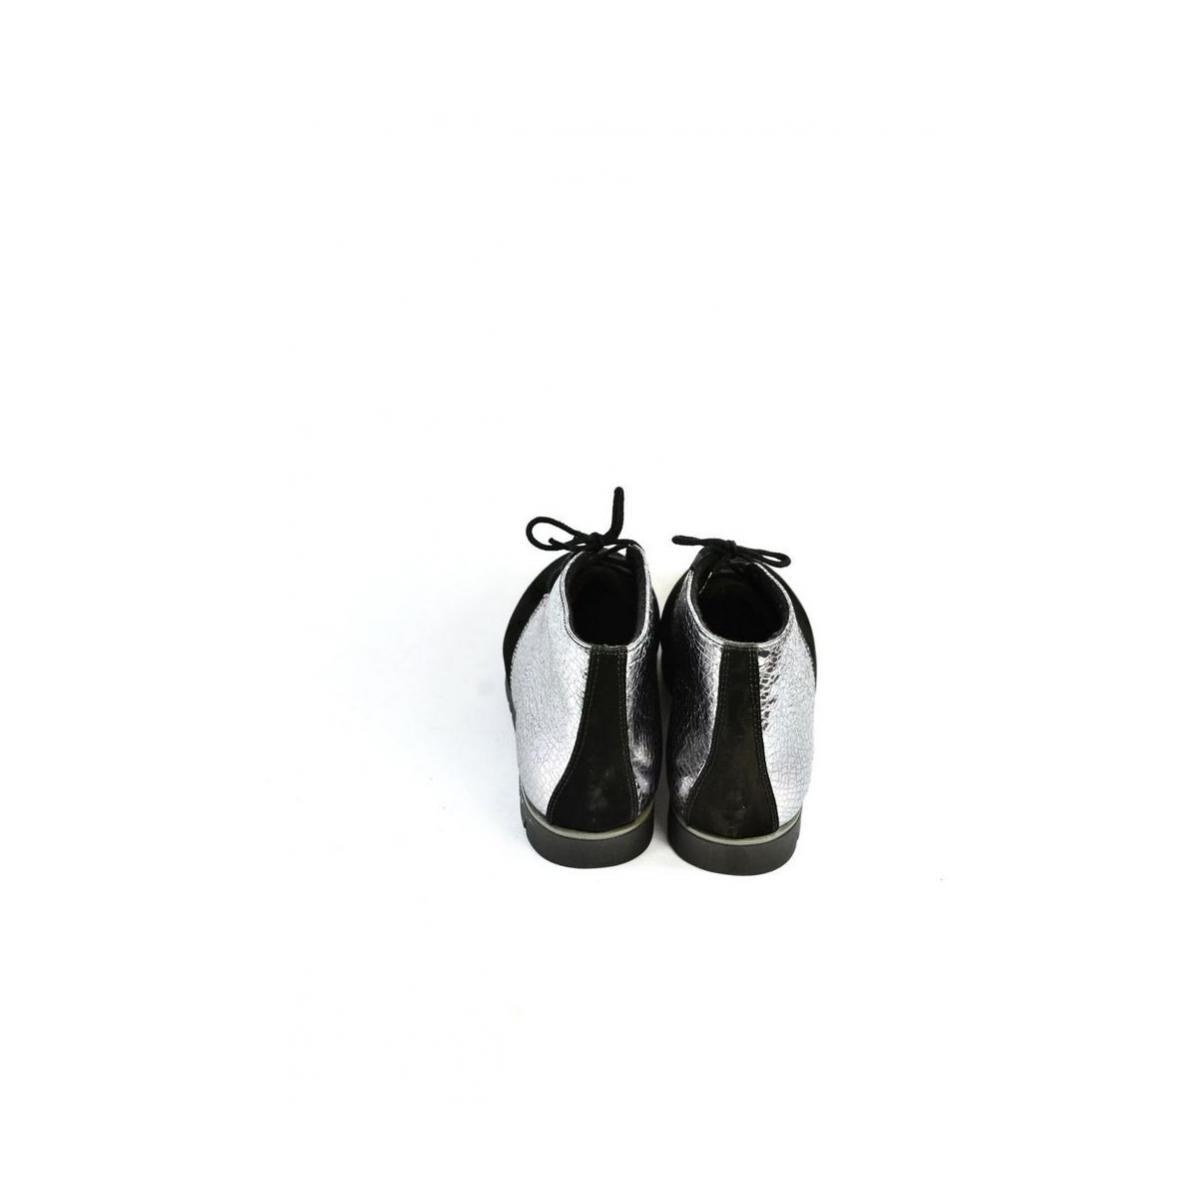 592a11d9cc93 Dámske čierno-strieborné kožené topánky ZEFIR - 8